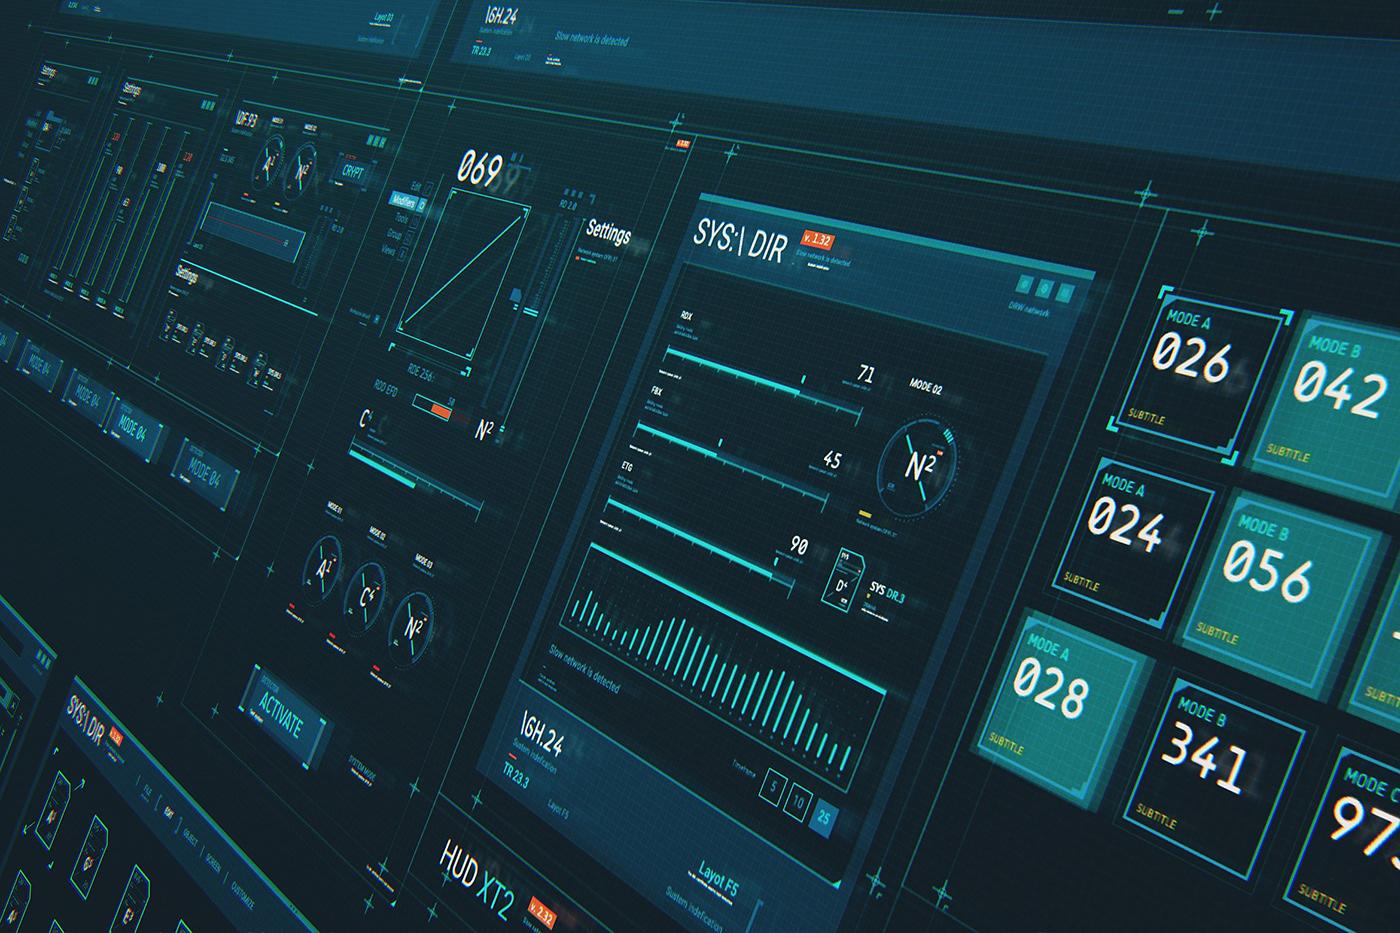 Что такое интерфейс в компьютерах: программы и связь с железом